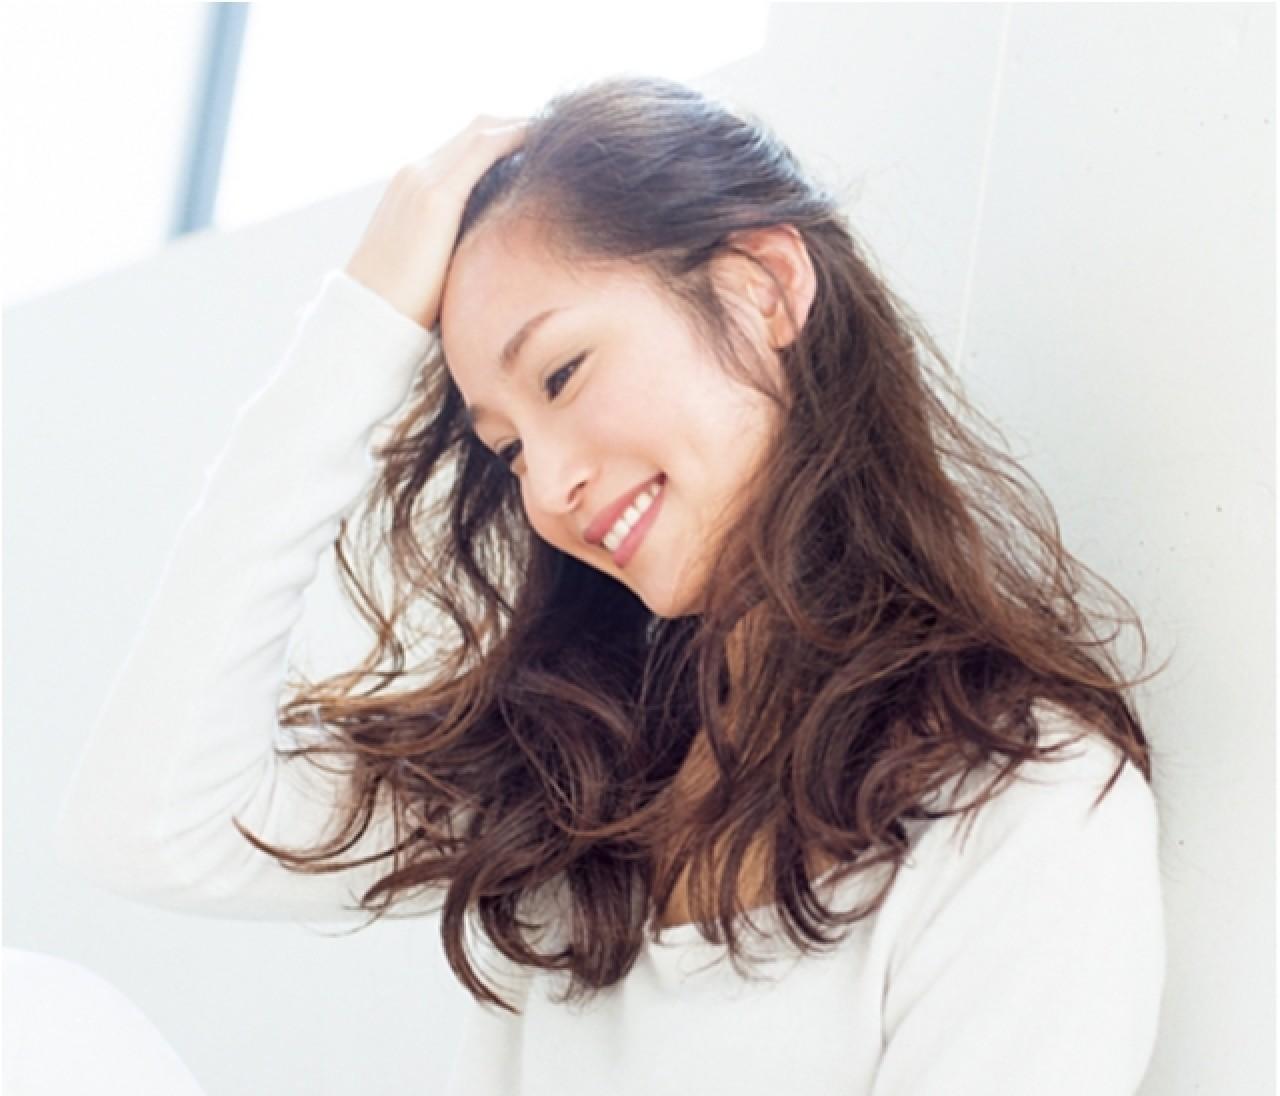 この春絶対やってみたい! 女らしくてムードのあるヘアスタイルTOP3